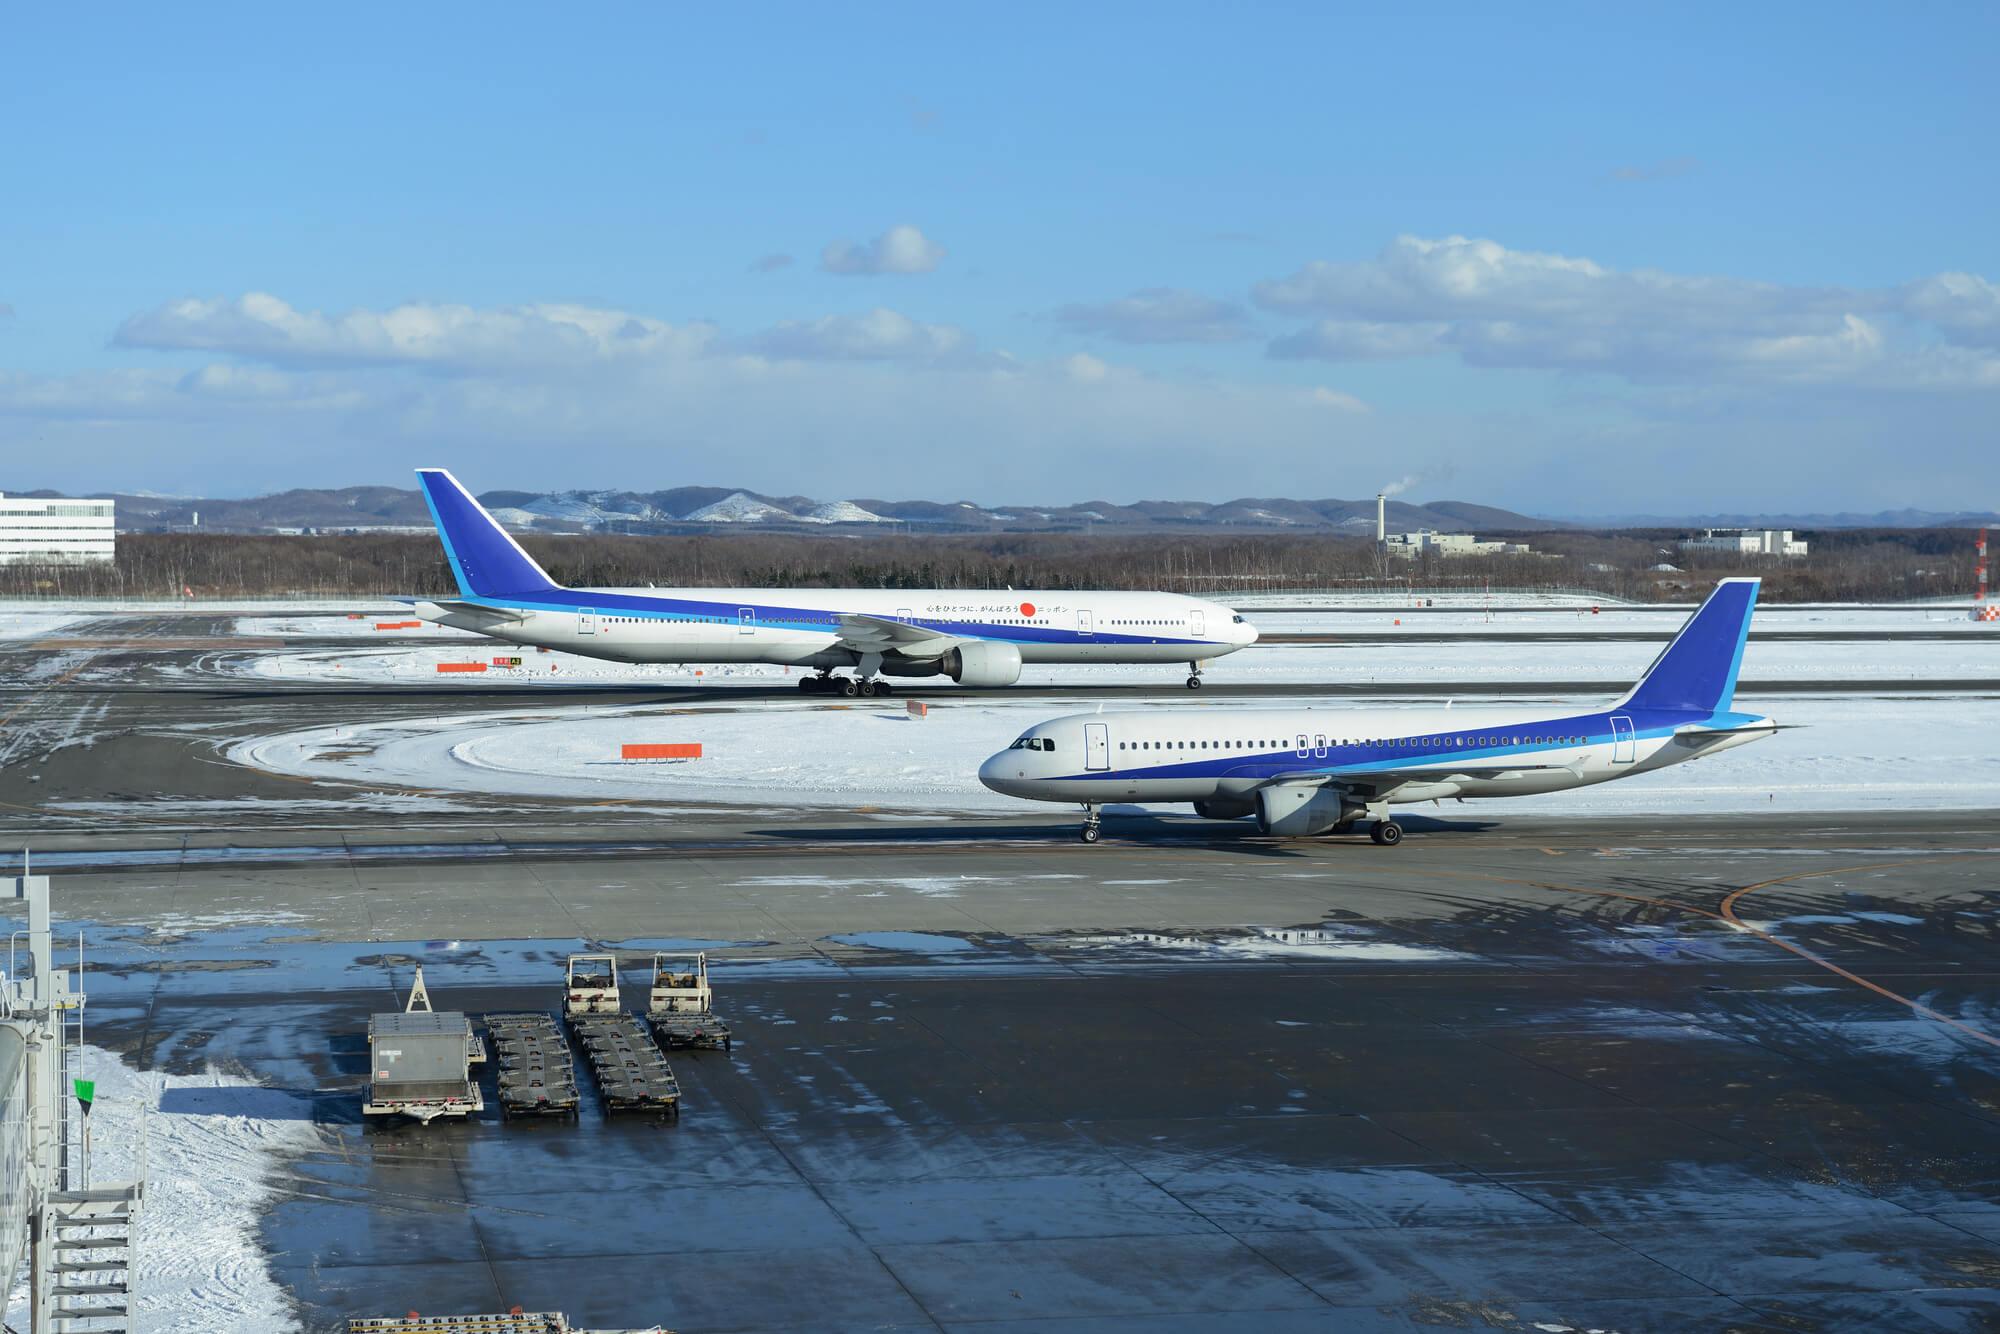 札幌_飛行機のアイキャッチ画像